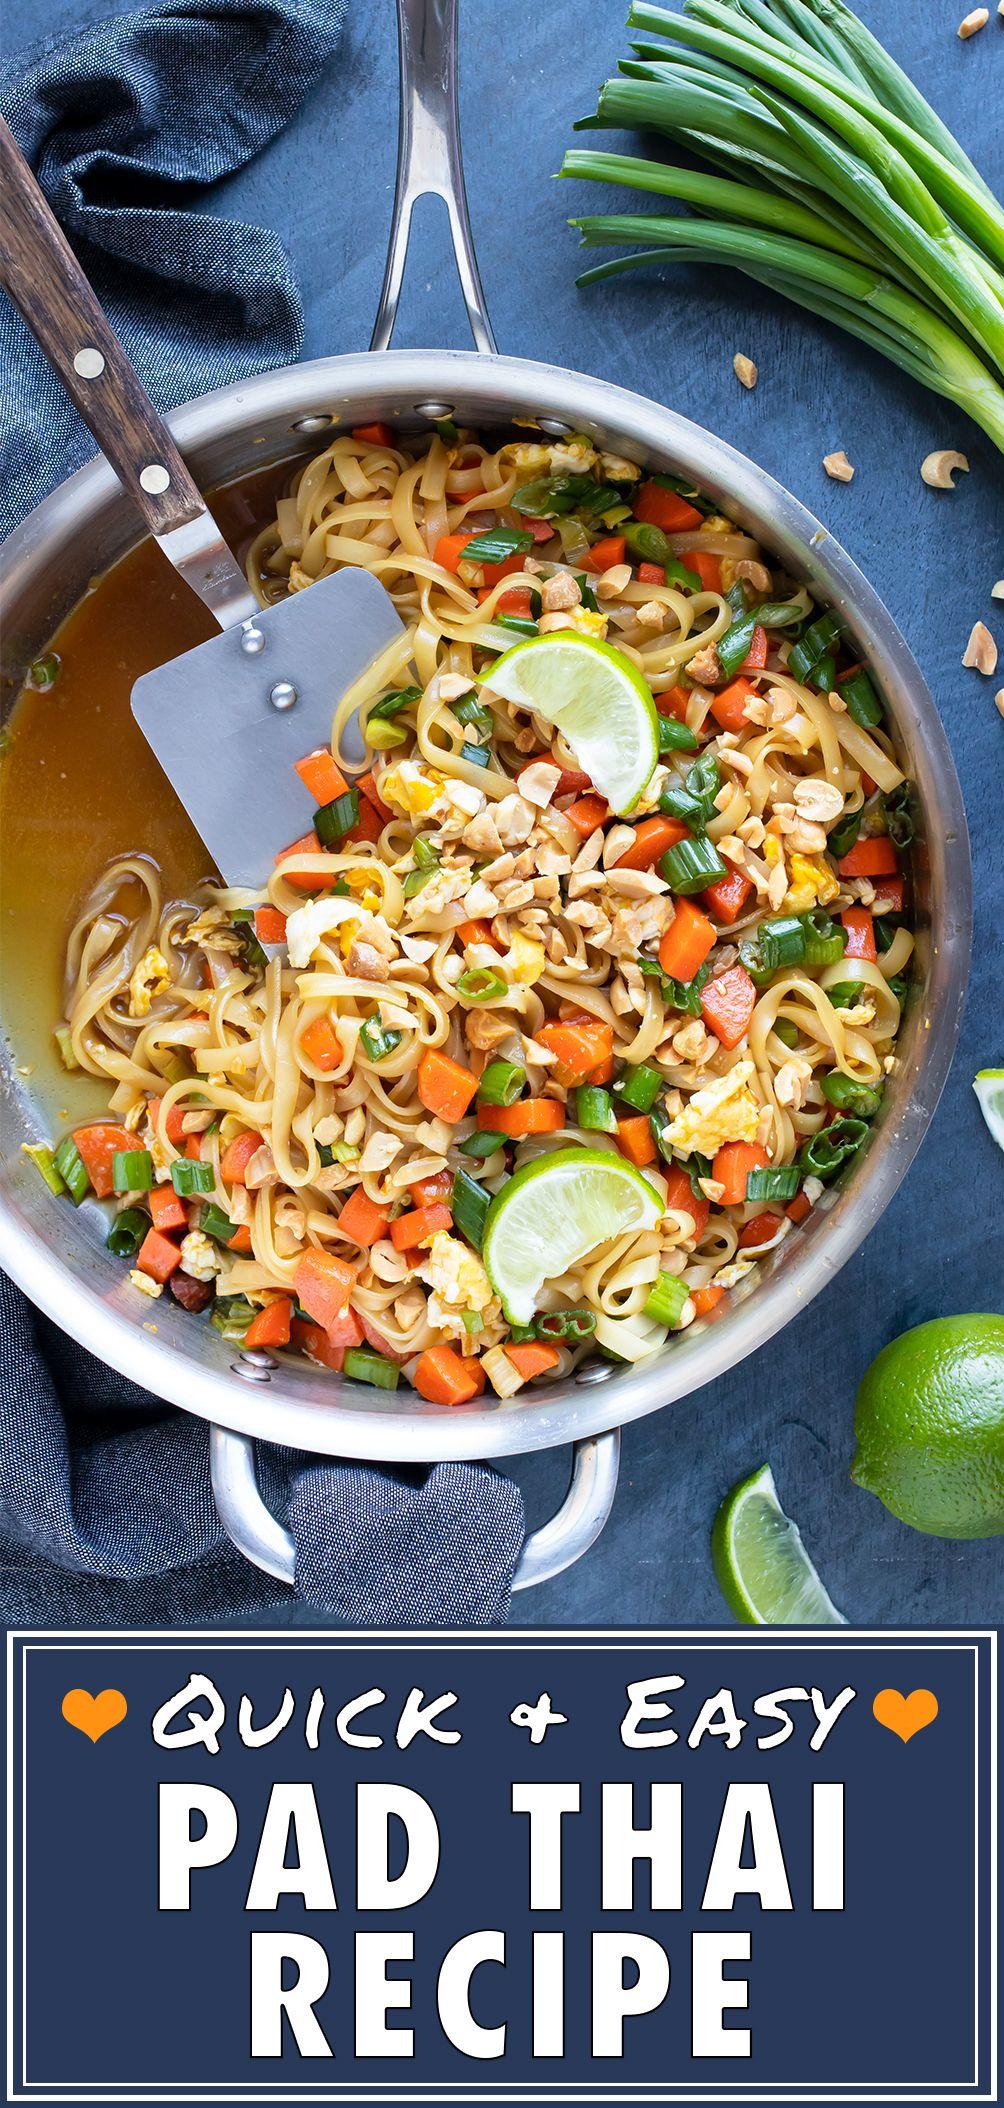 Easy pad thai recipe food recipes quick vegetarian